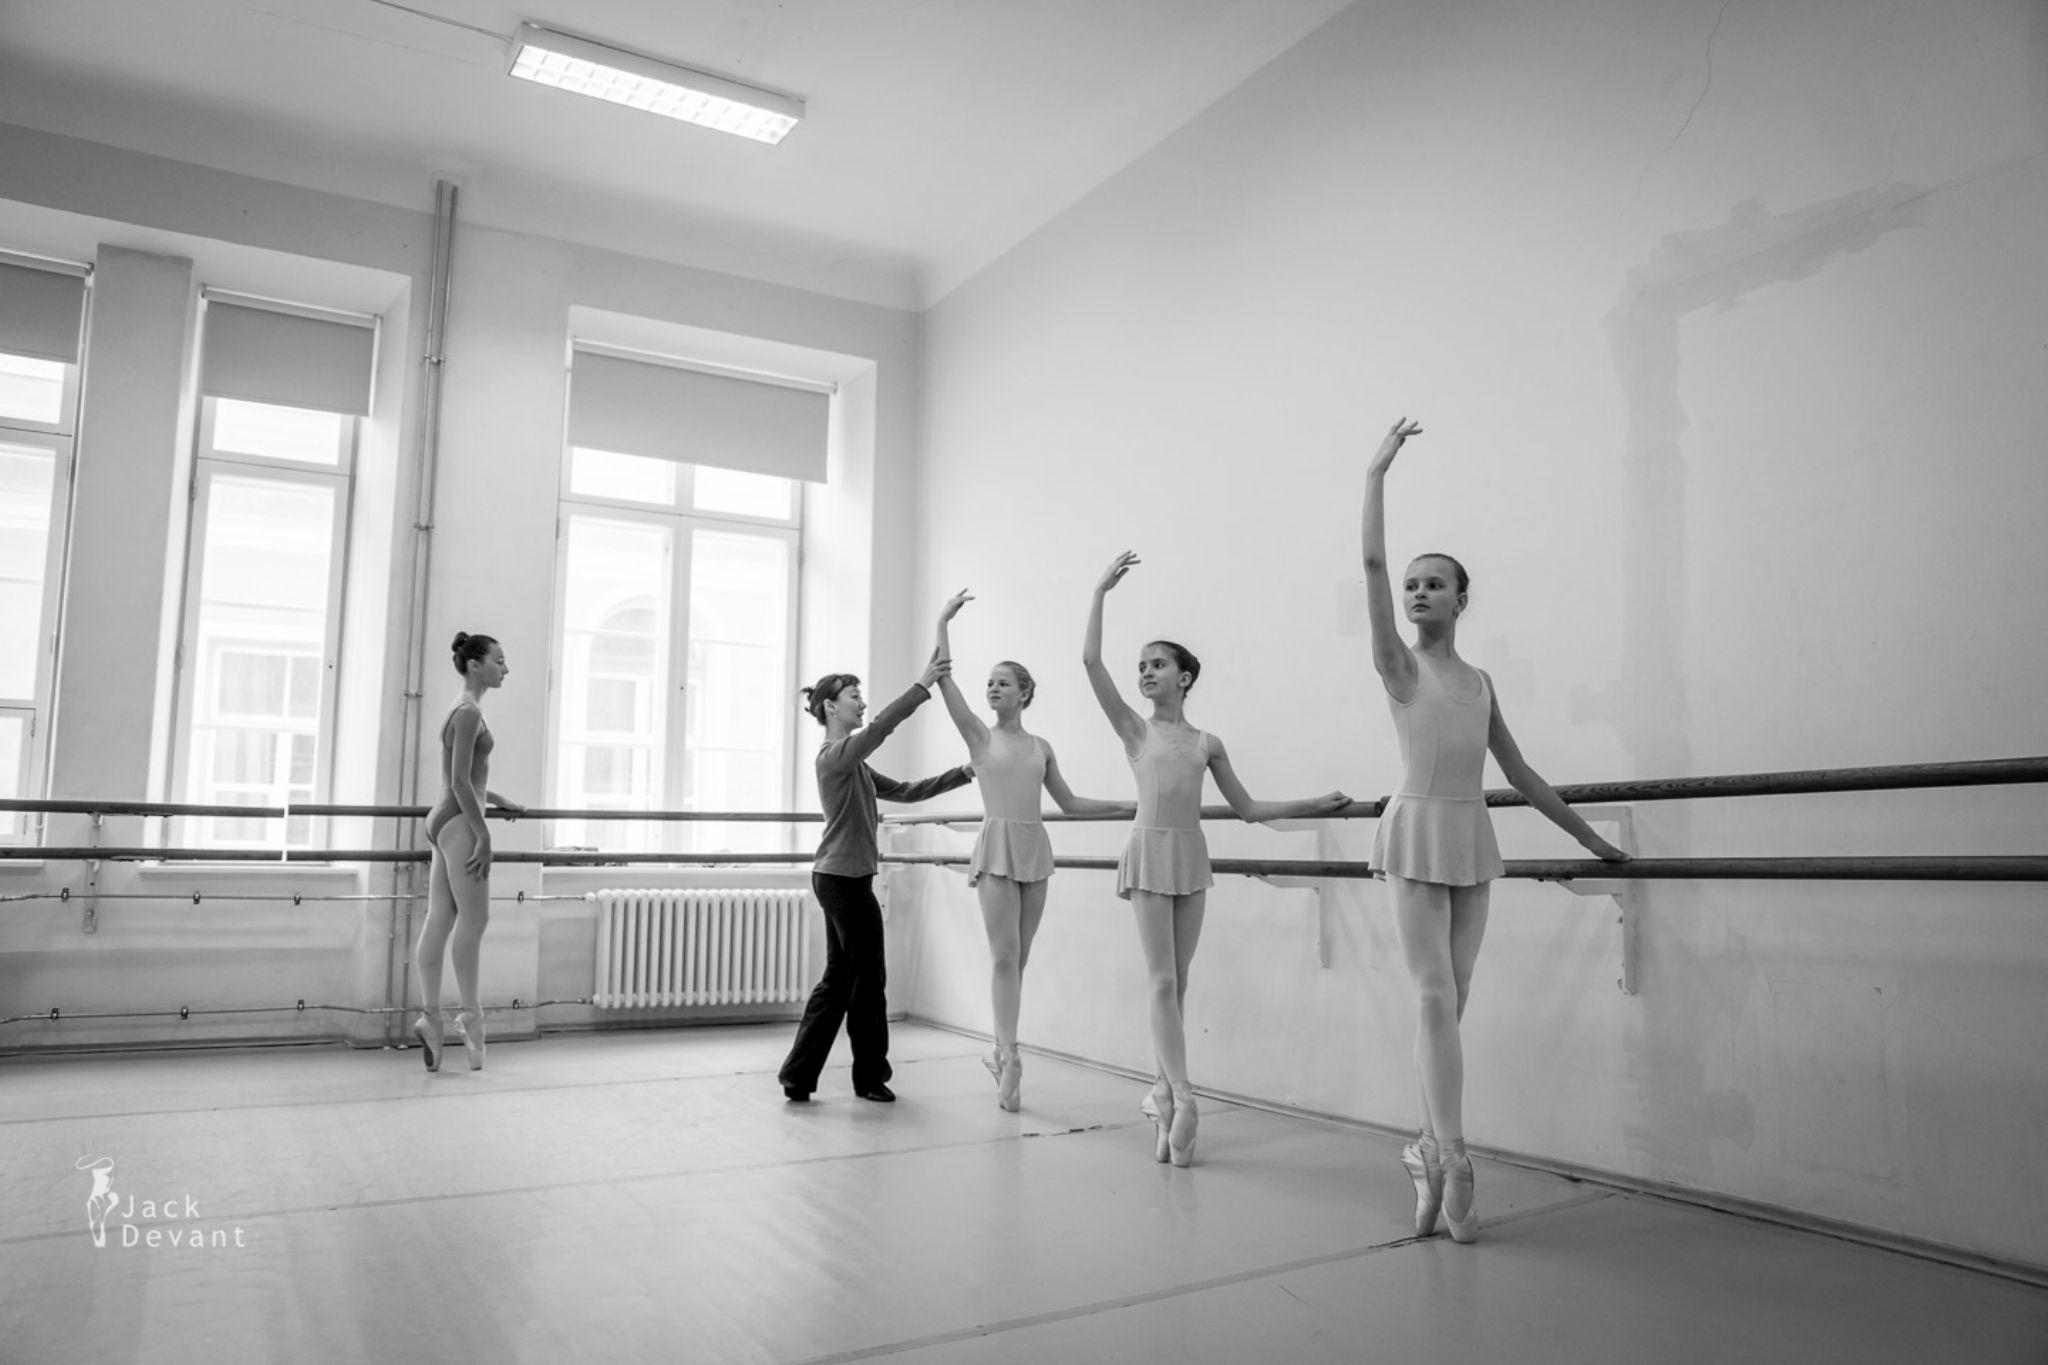 Ballet Class II by Jack Devant